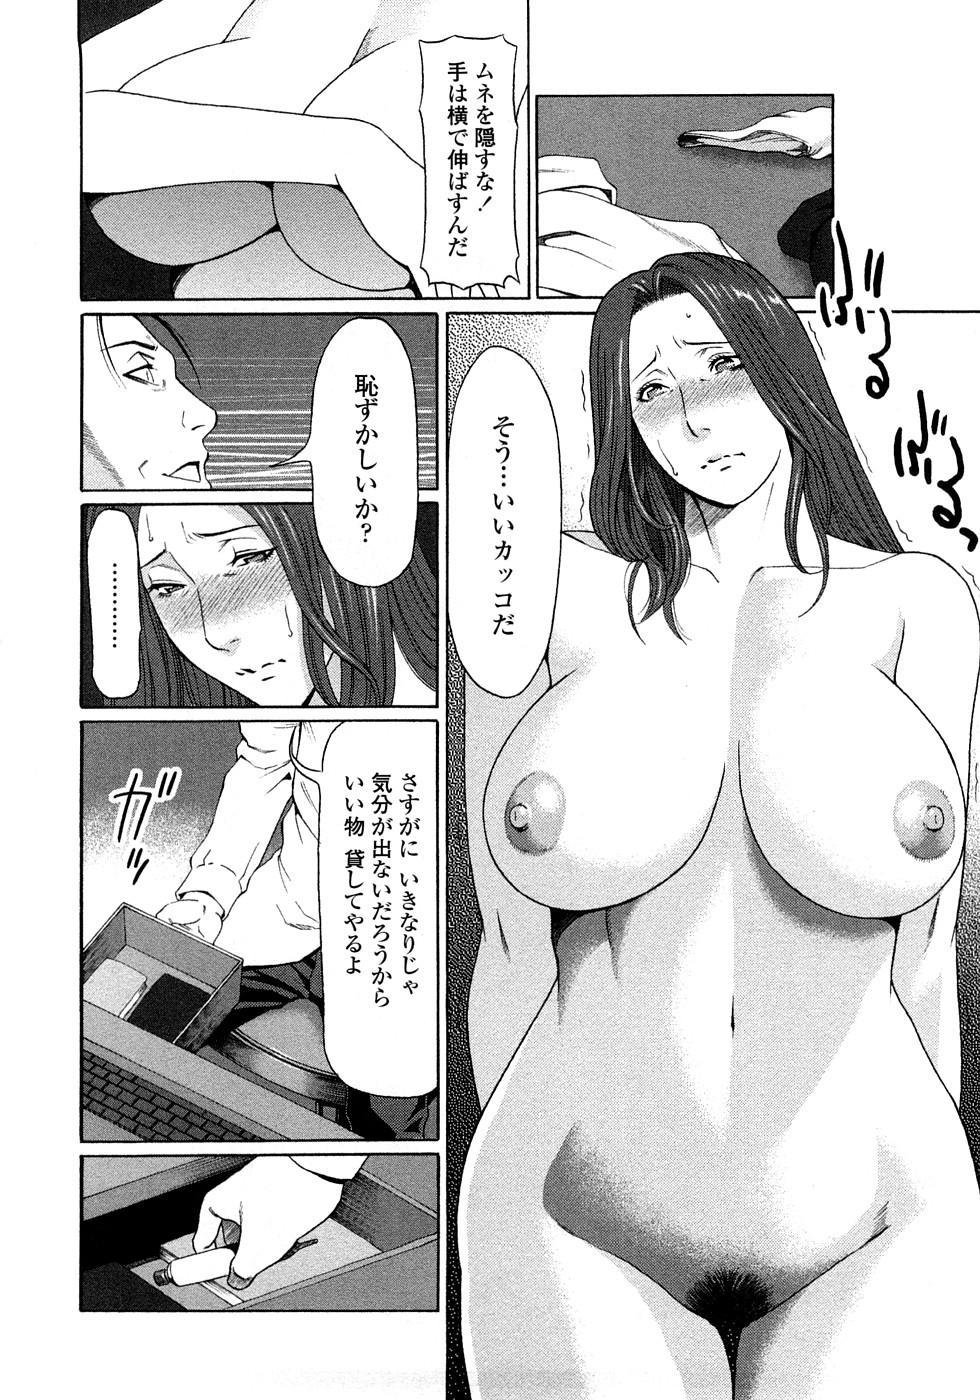 Etsuraku no Tobira - The Door of Sexual Pleasure 26